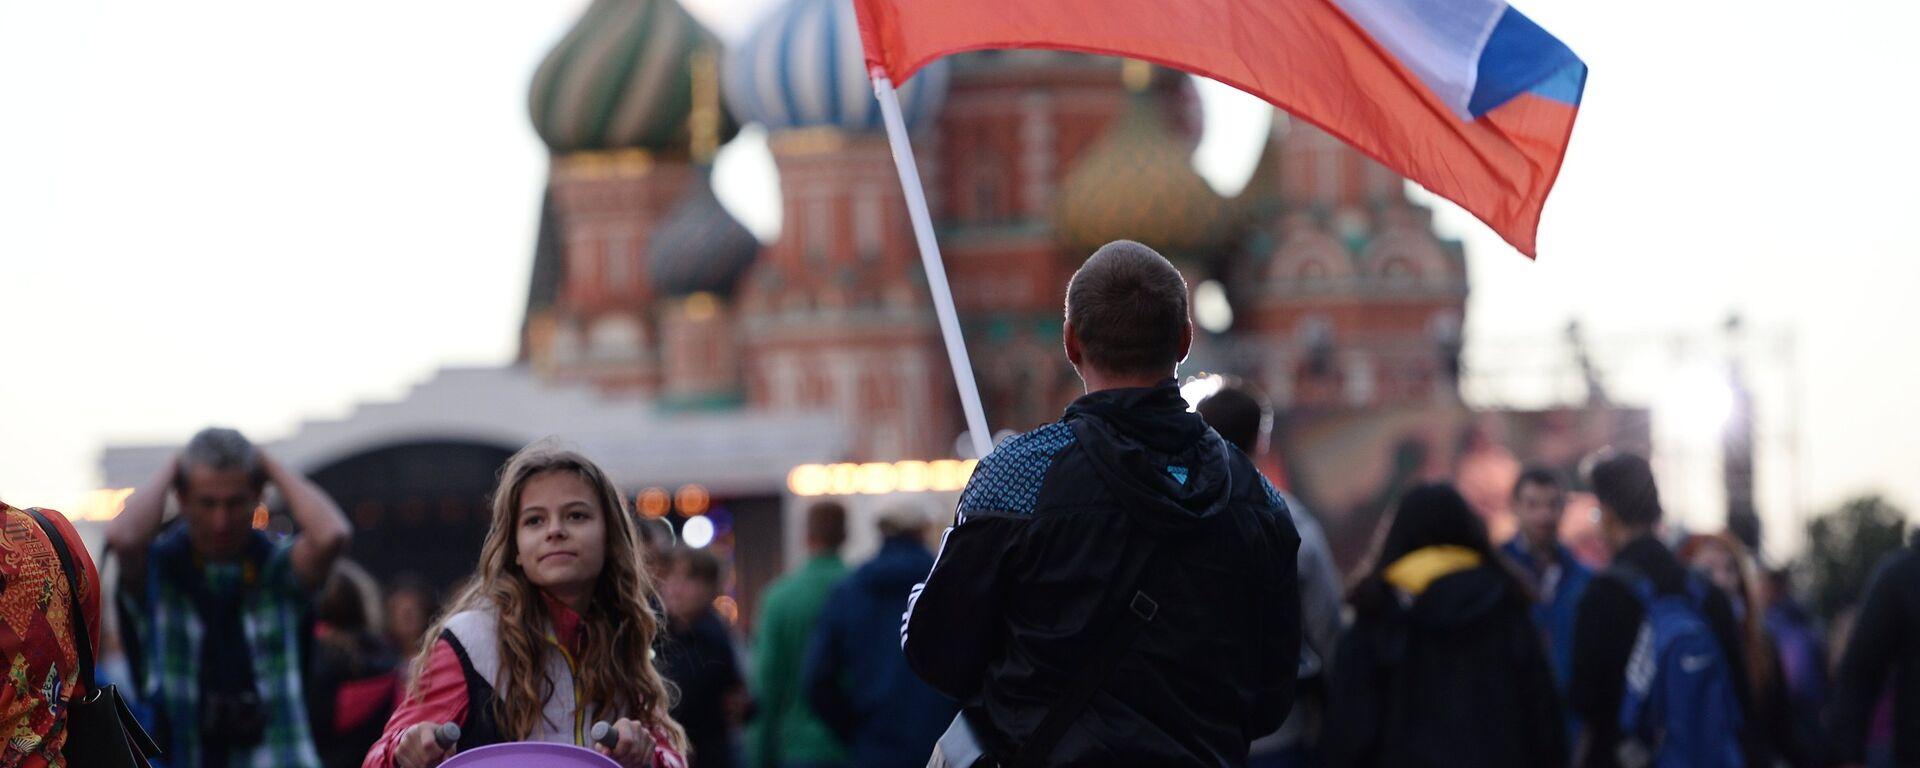 Un hombre con la bandera de Rusia en la Plaza Roja de Moscú - Sputnik Mundo, 1920, 31.05.2021